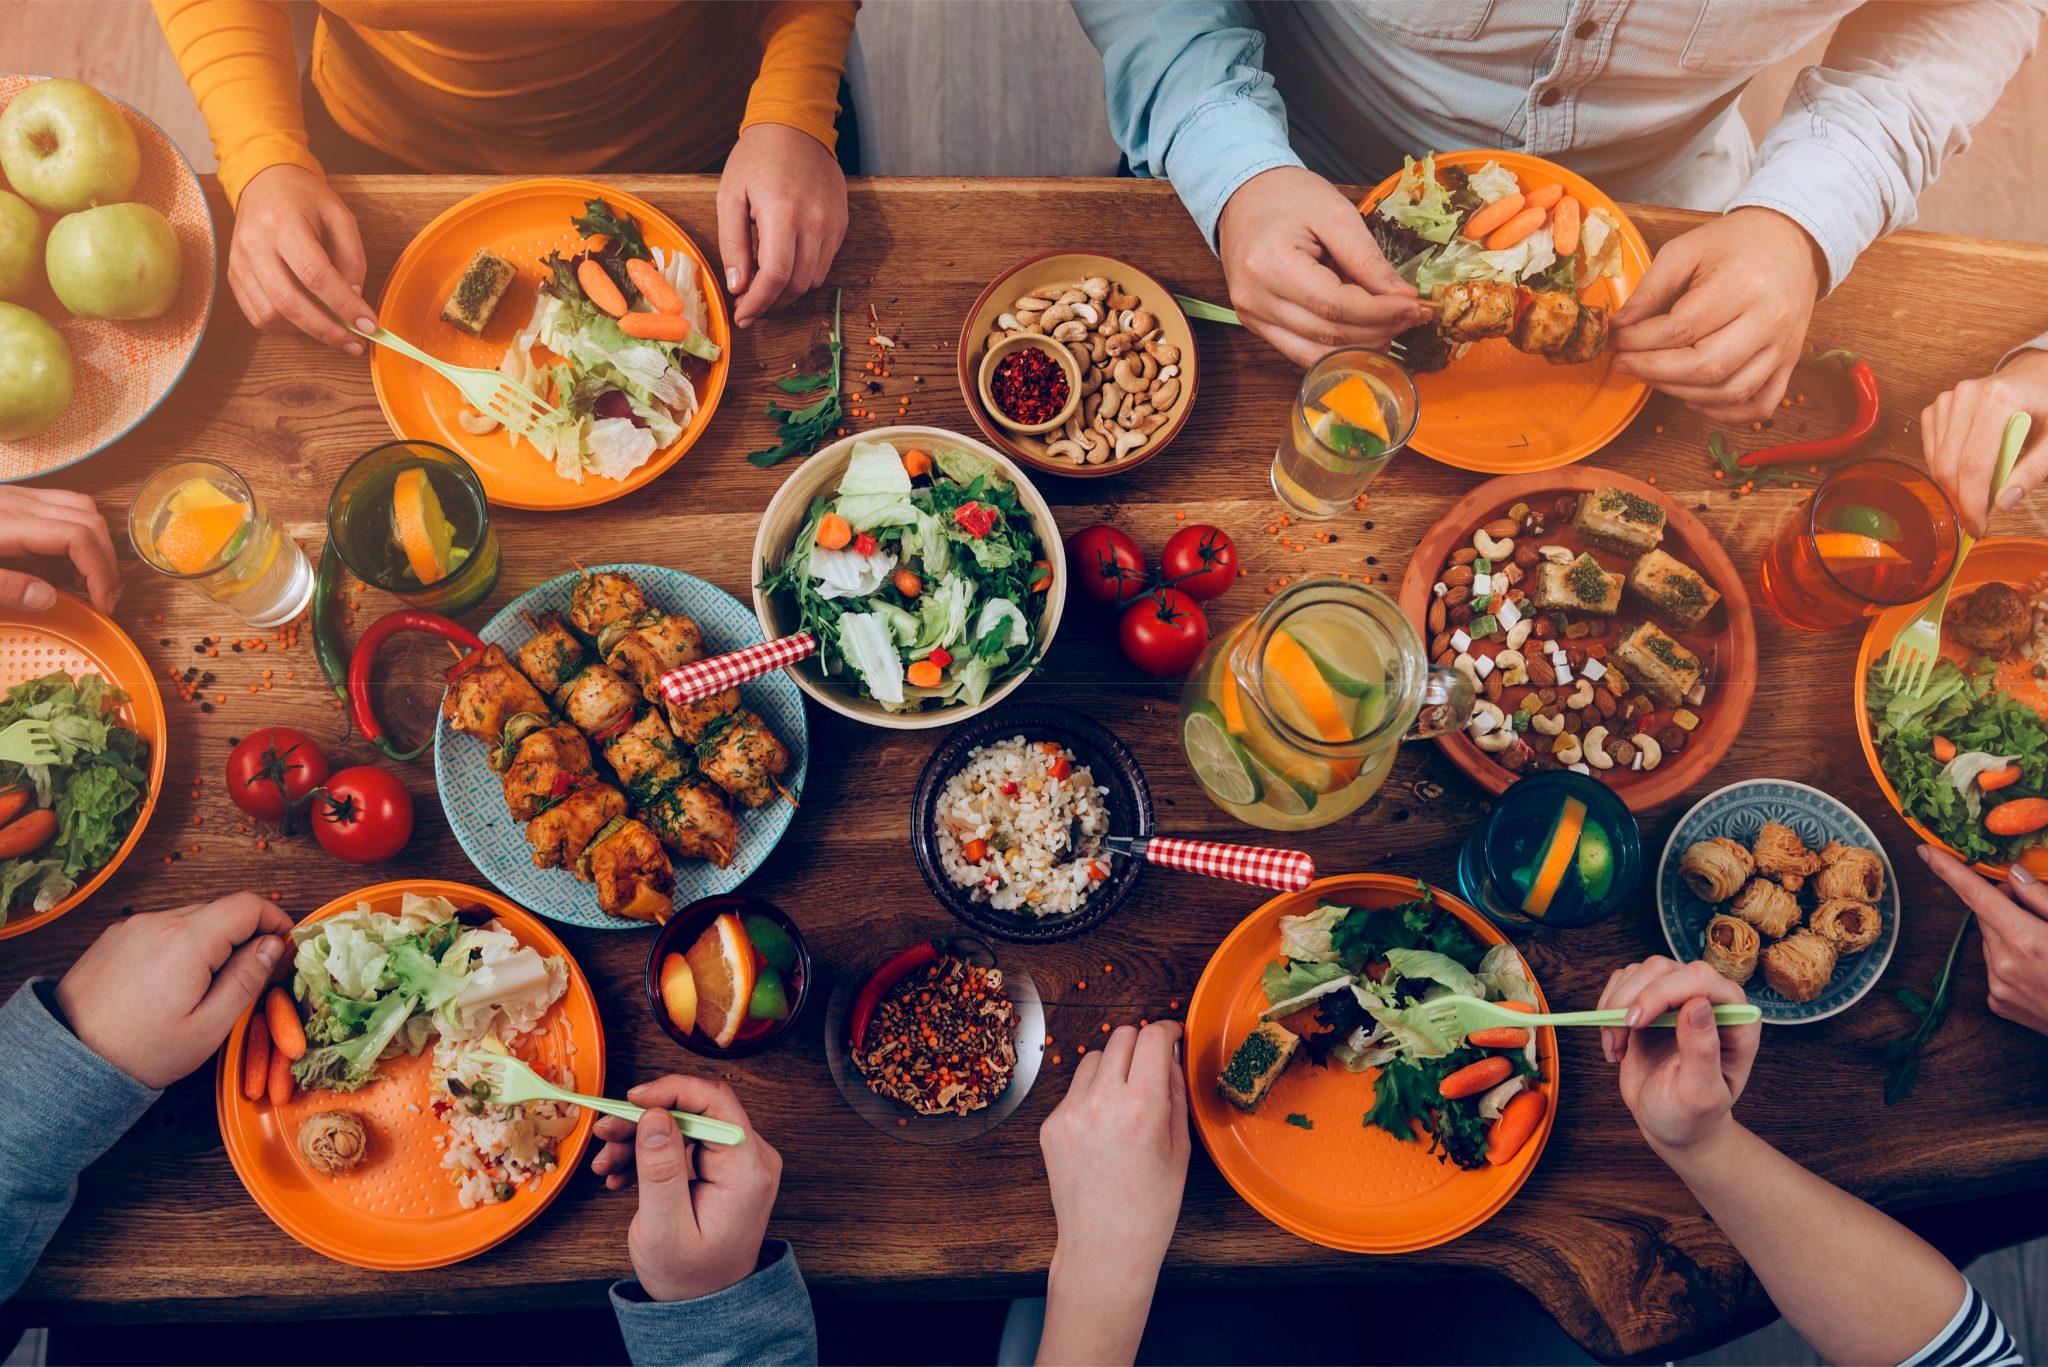 ダイニングテーブルの上にあるたくさんの食事